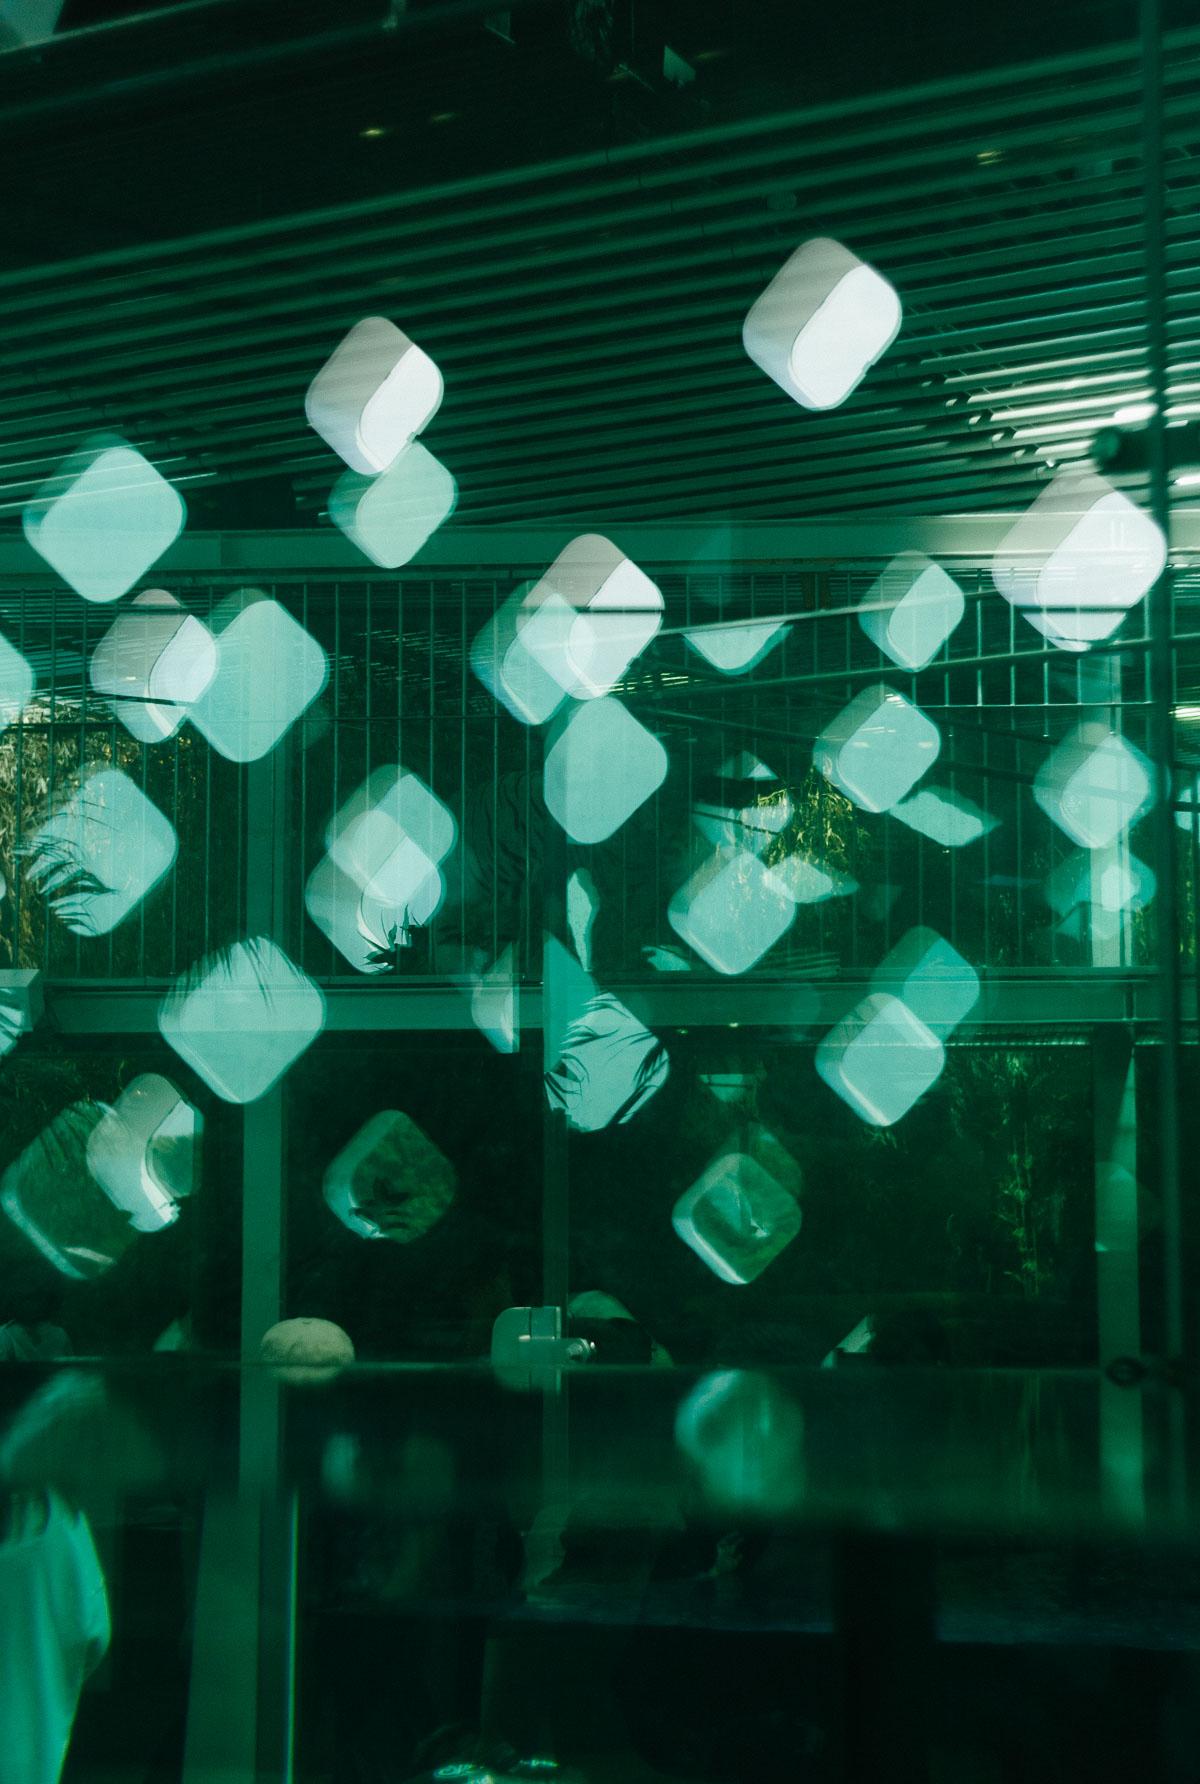 ニフレルのシンボル窓